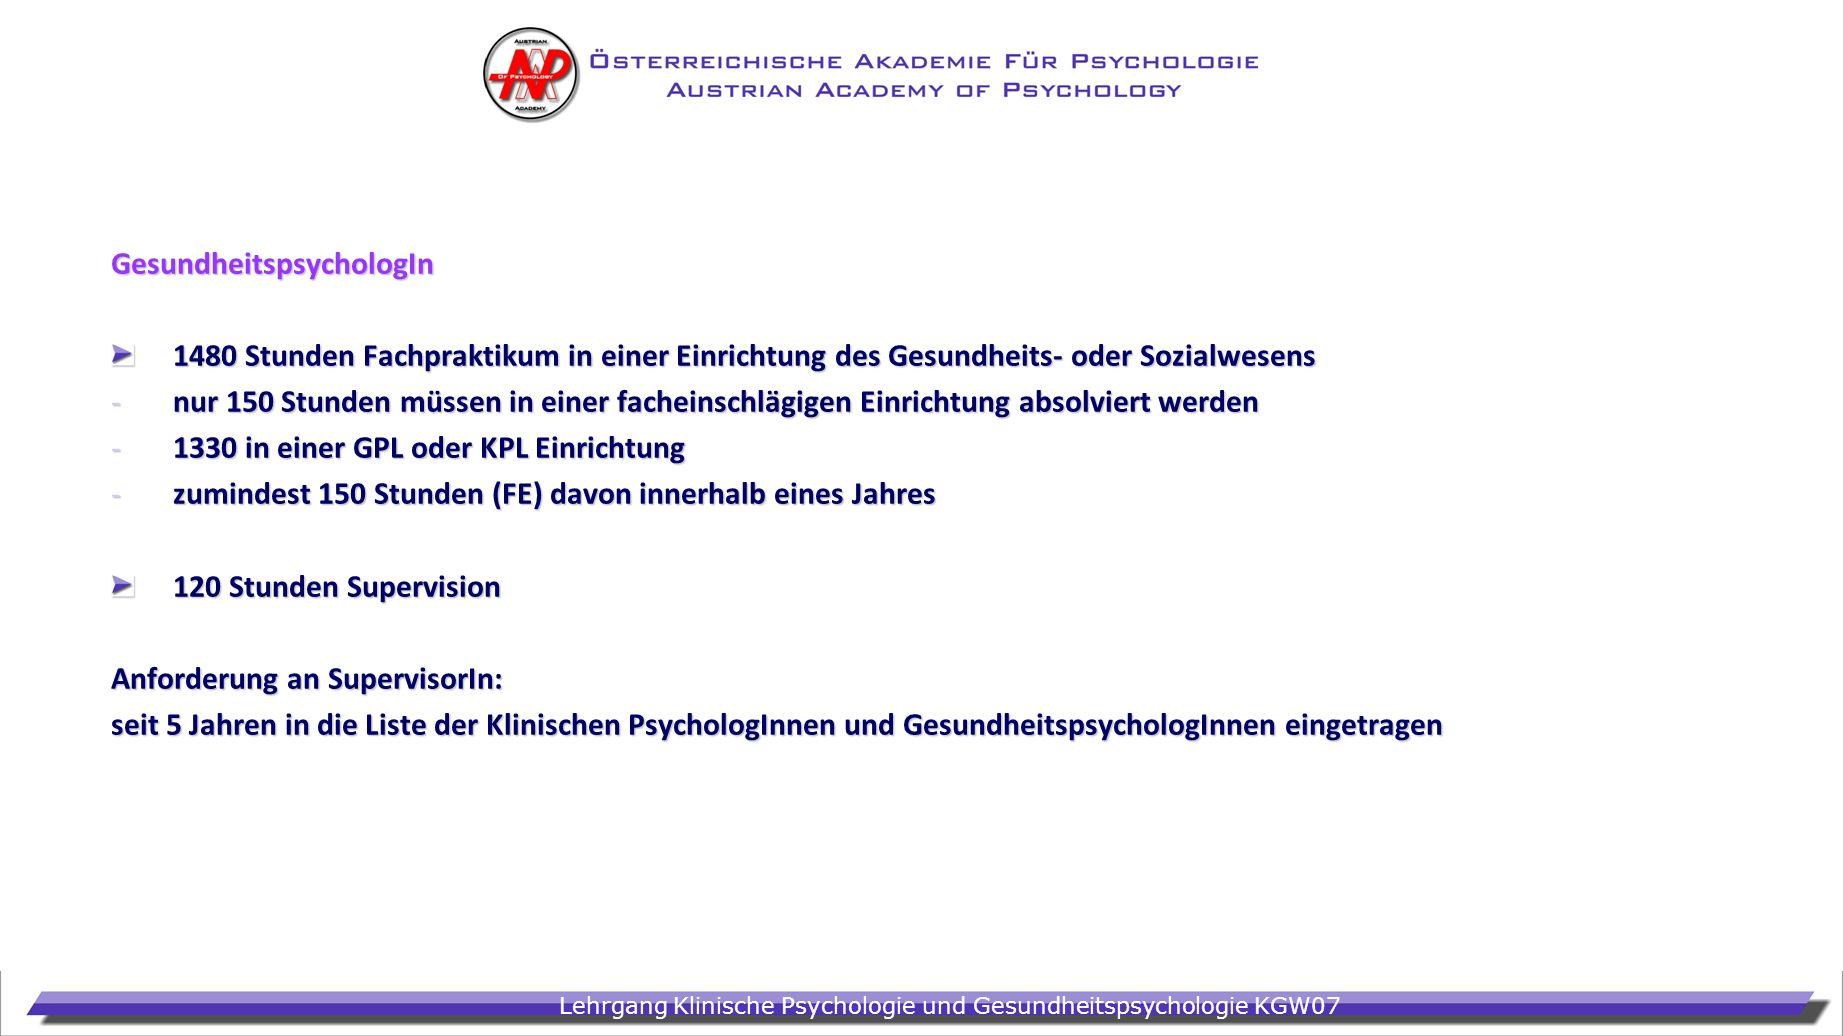 Lehrgang Klinische Psychologie und Gesundheitspsychologie KGW07 GesundheitspsychologIn 1480 Stunden Fachpraktikum in einer Einrichtung des Gesundheits